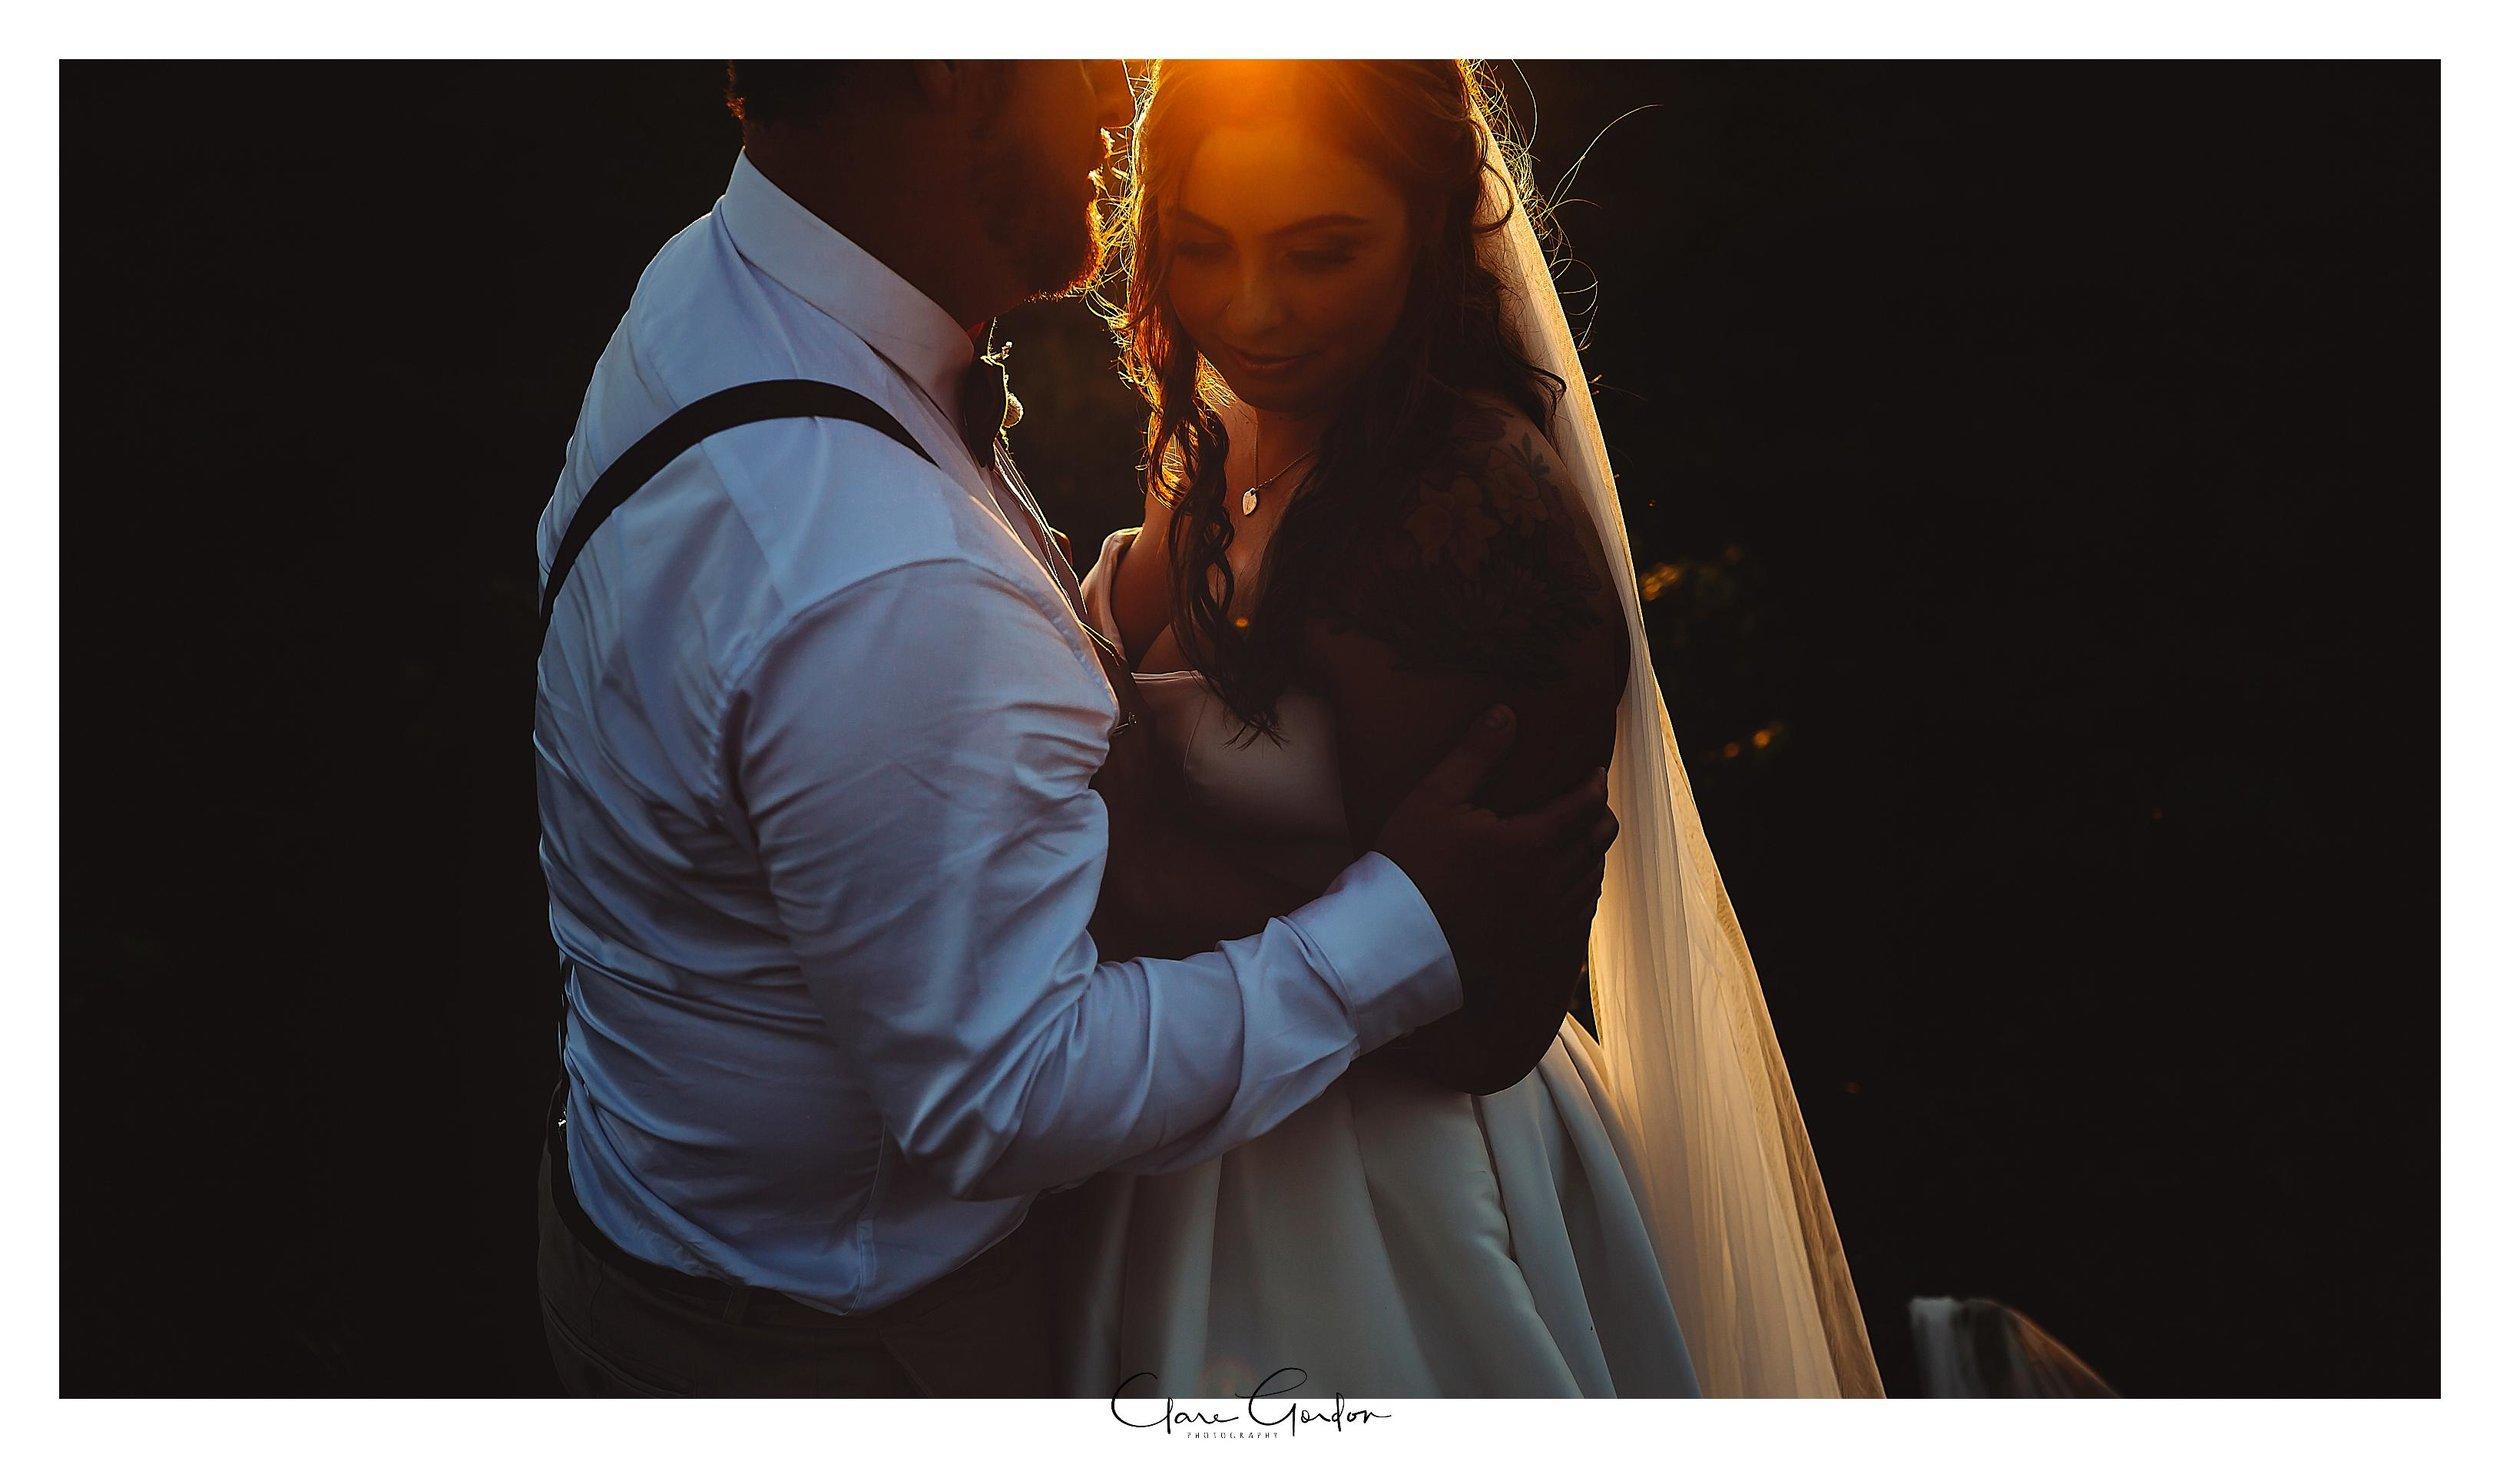 Clare-gordon-photography-sunset-wedding